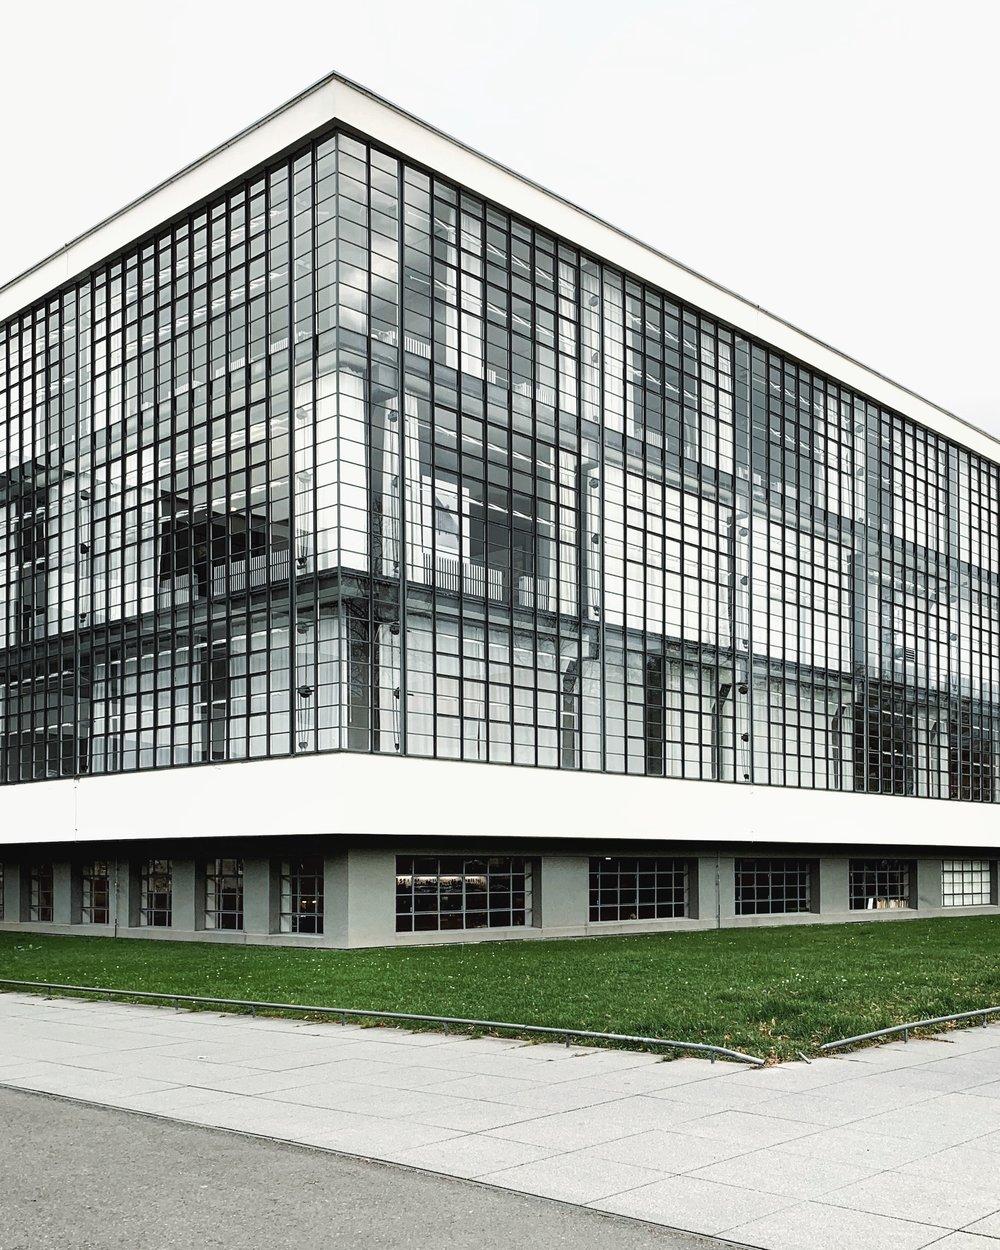 Dessau Bauhaus Facade Littlemycph.JPG